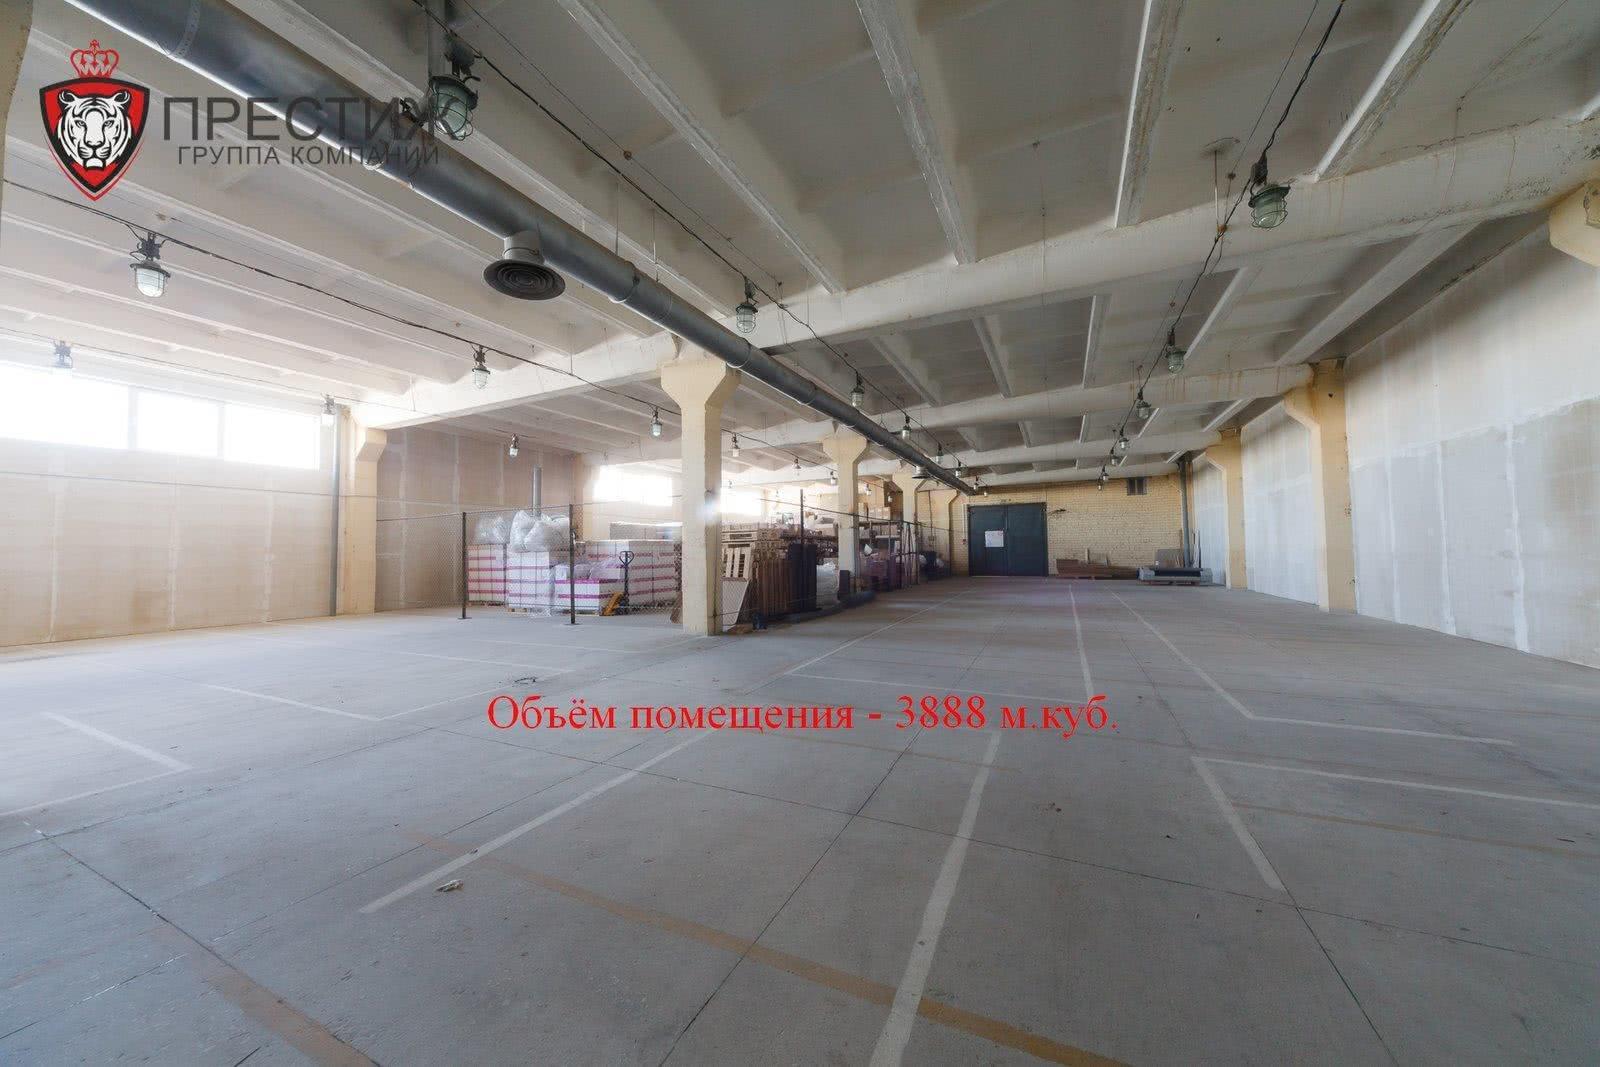 Купить складское помещение на ул. Маяковского, д. 176 в Минске - фото 4